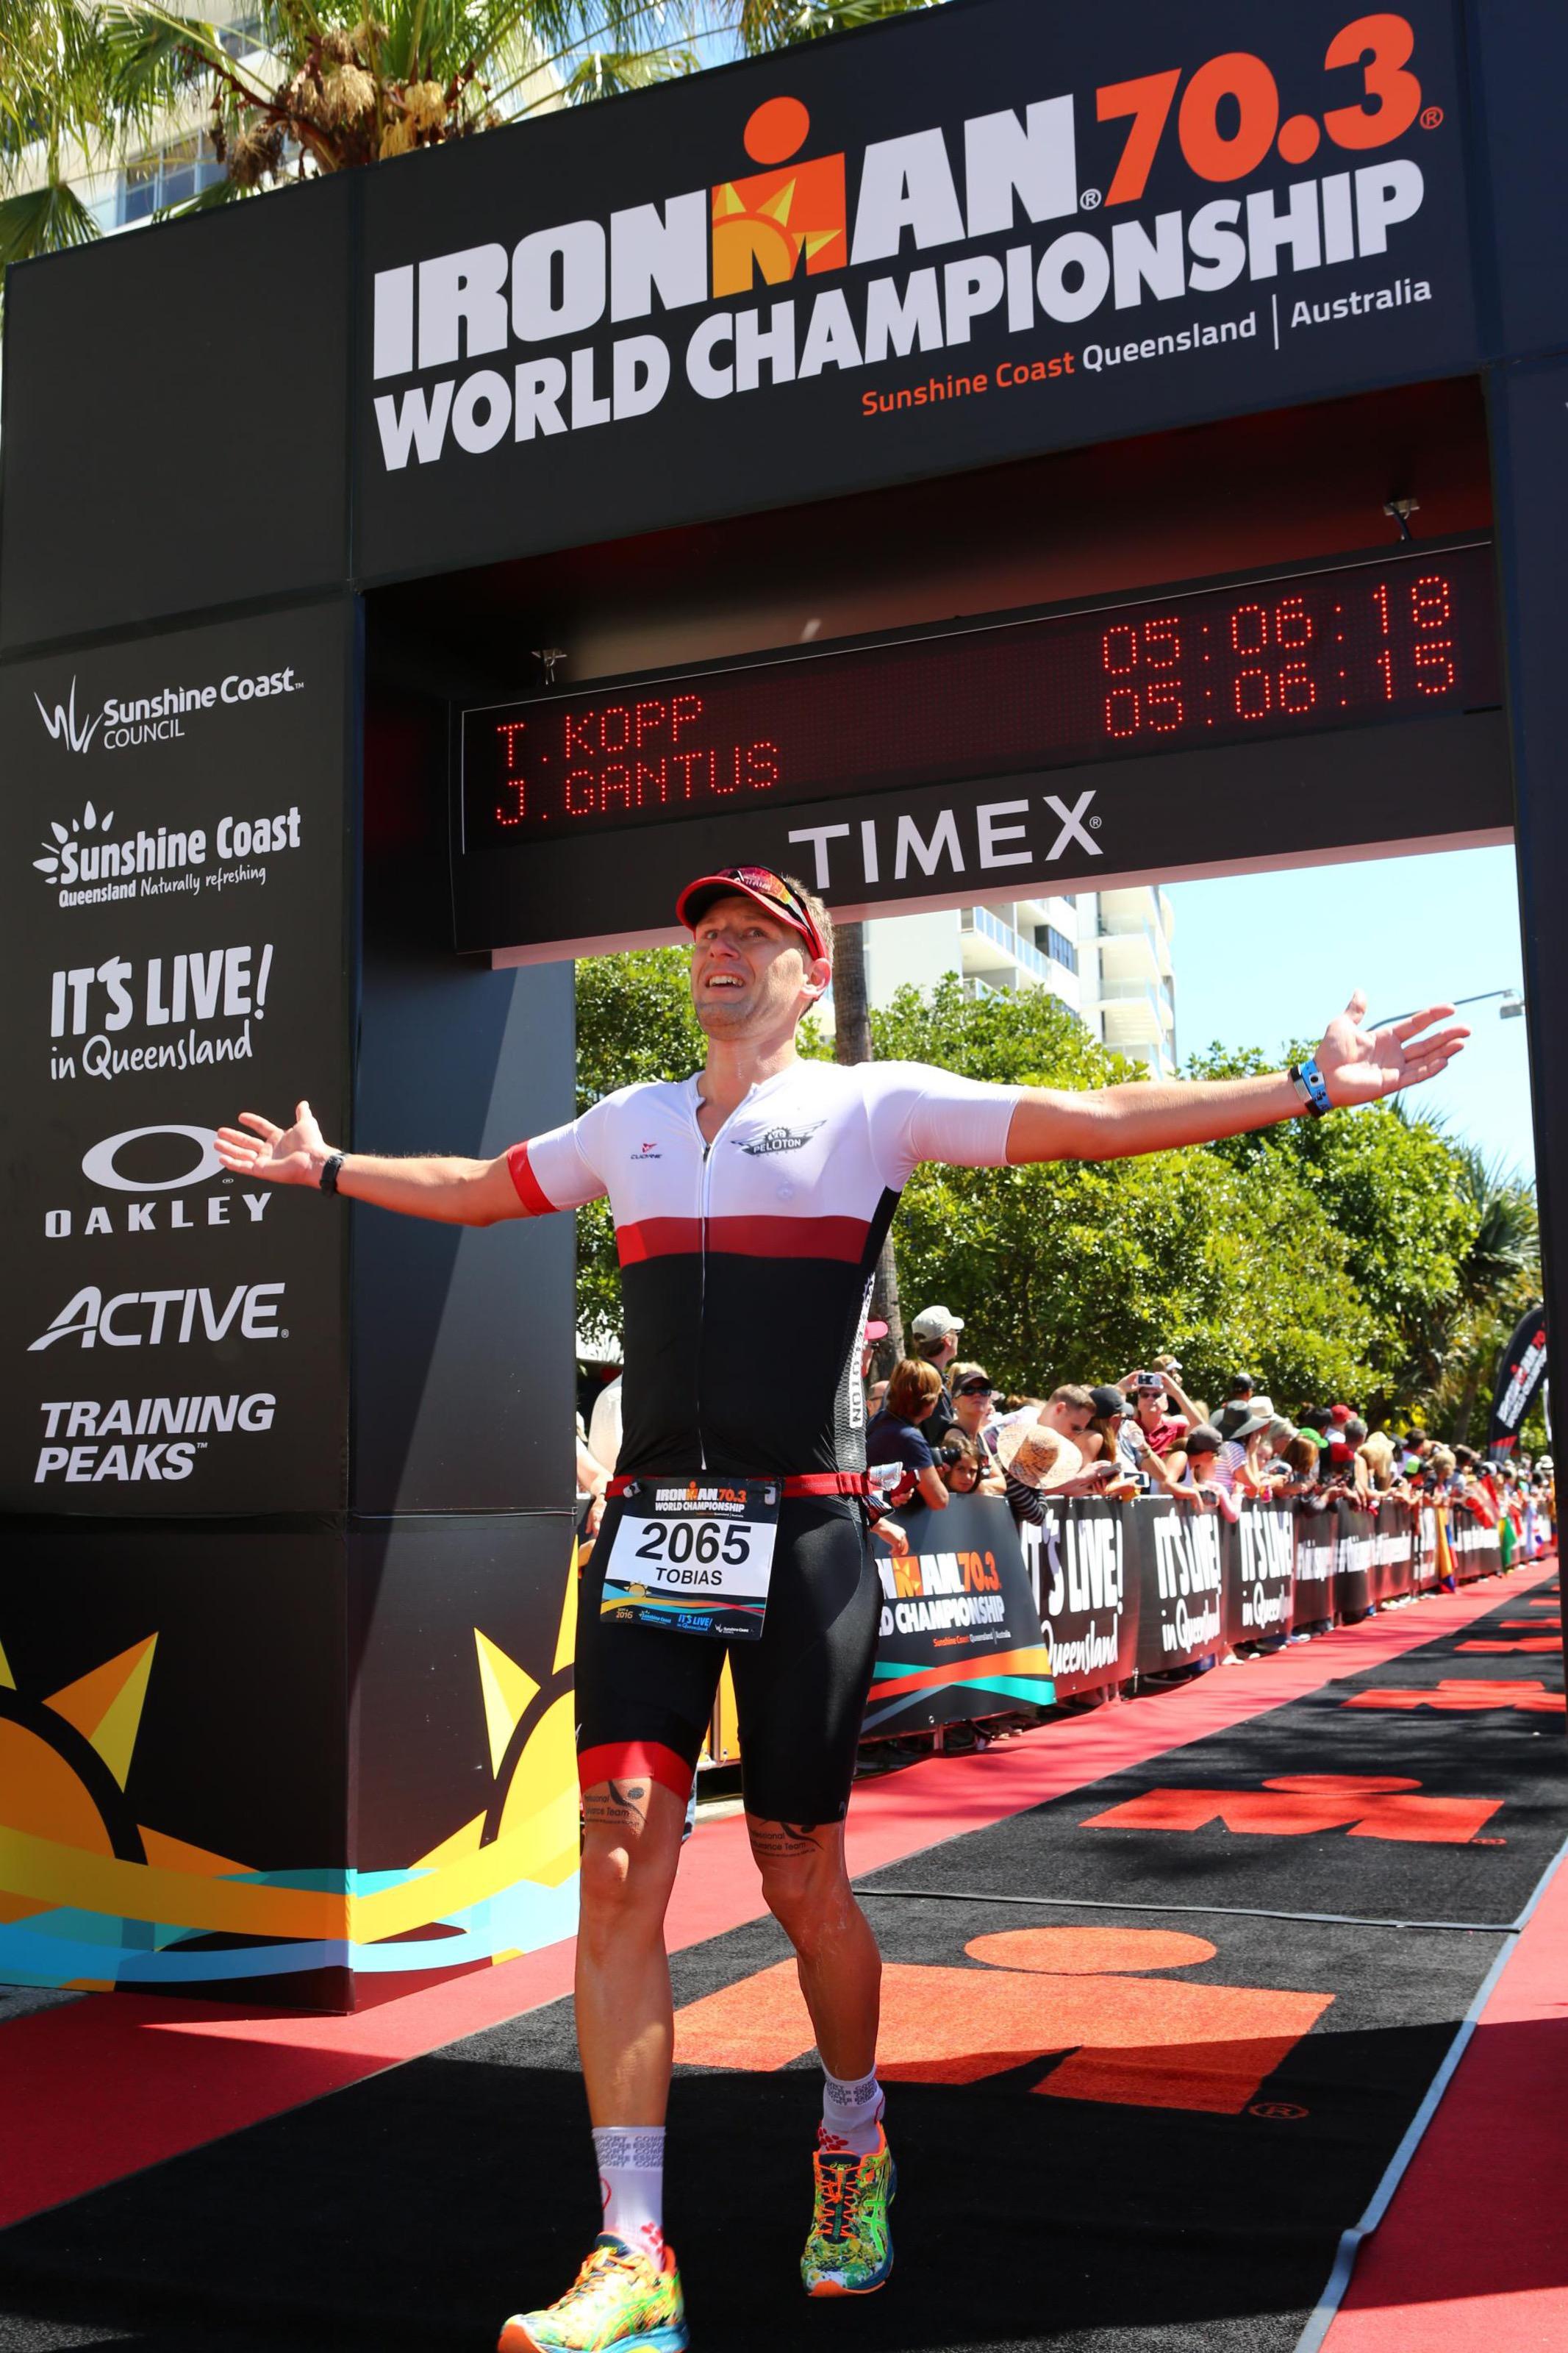 Tobi rockt die Iron Man Weltmeisterschaft in Australien